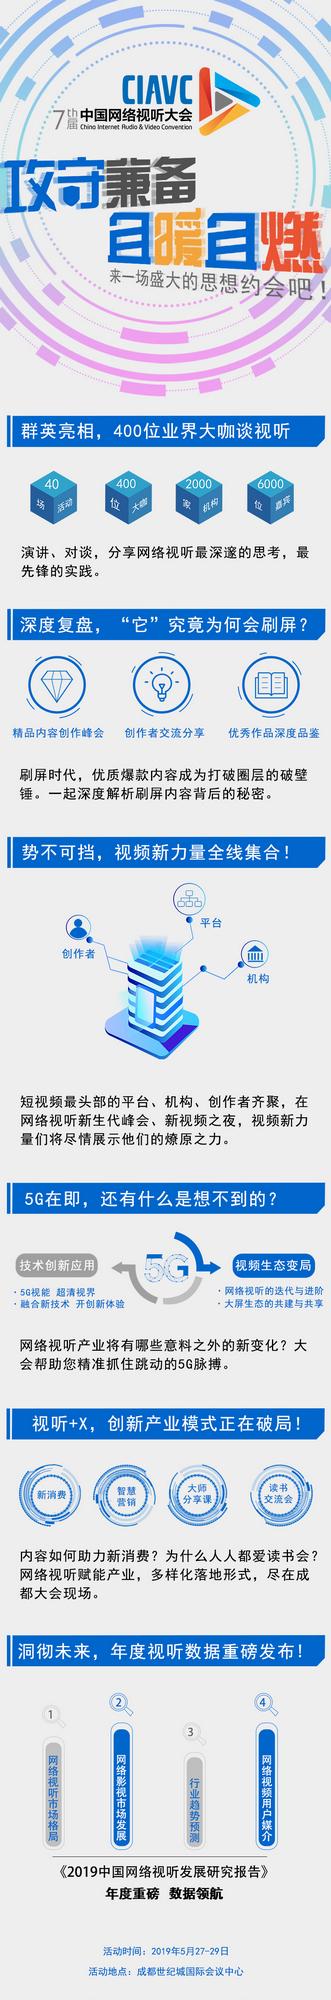 第七届中国网络视听大会40场活动 这六大亮点不容错过